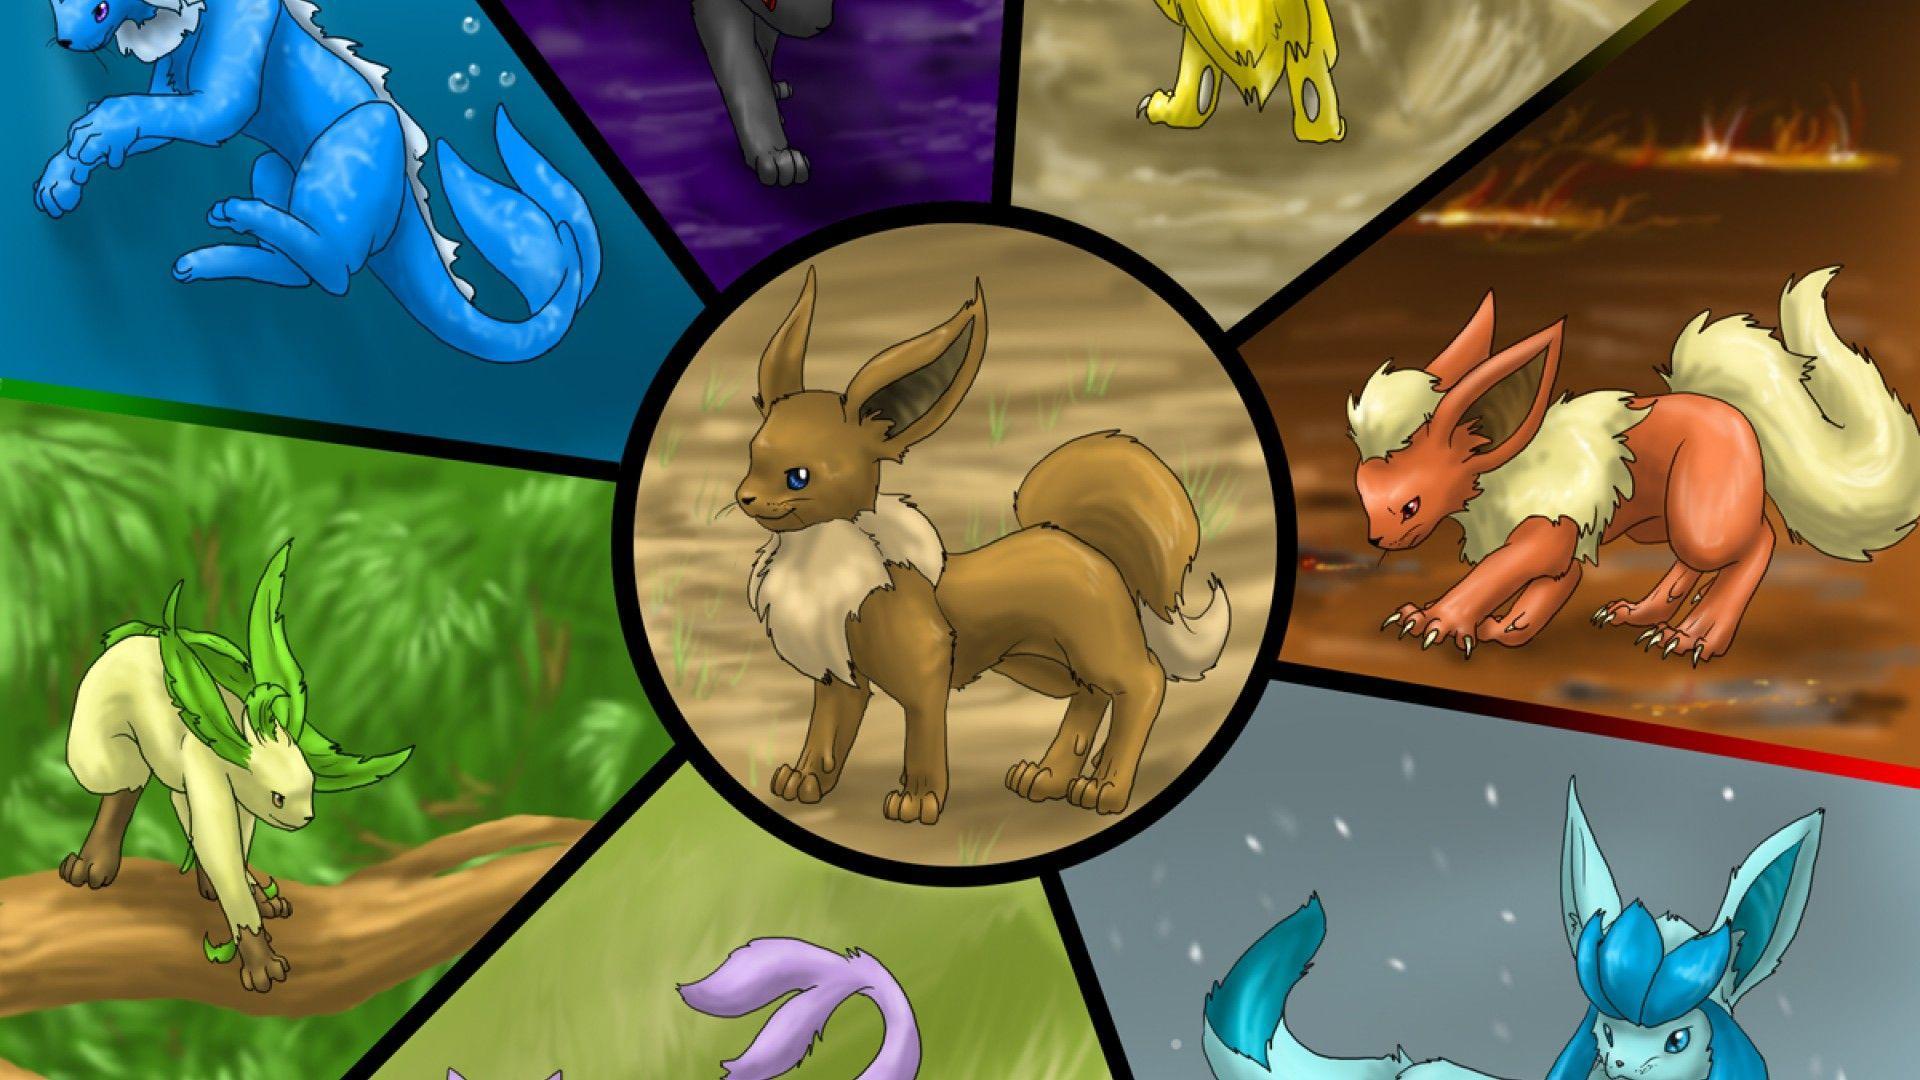 Pokemon Eevee Wallpapers Top Free Pokemon Eevee Backgrounds